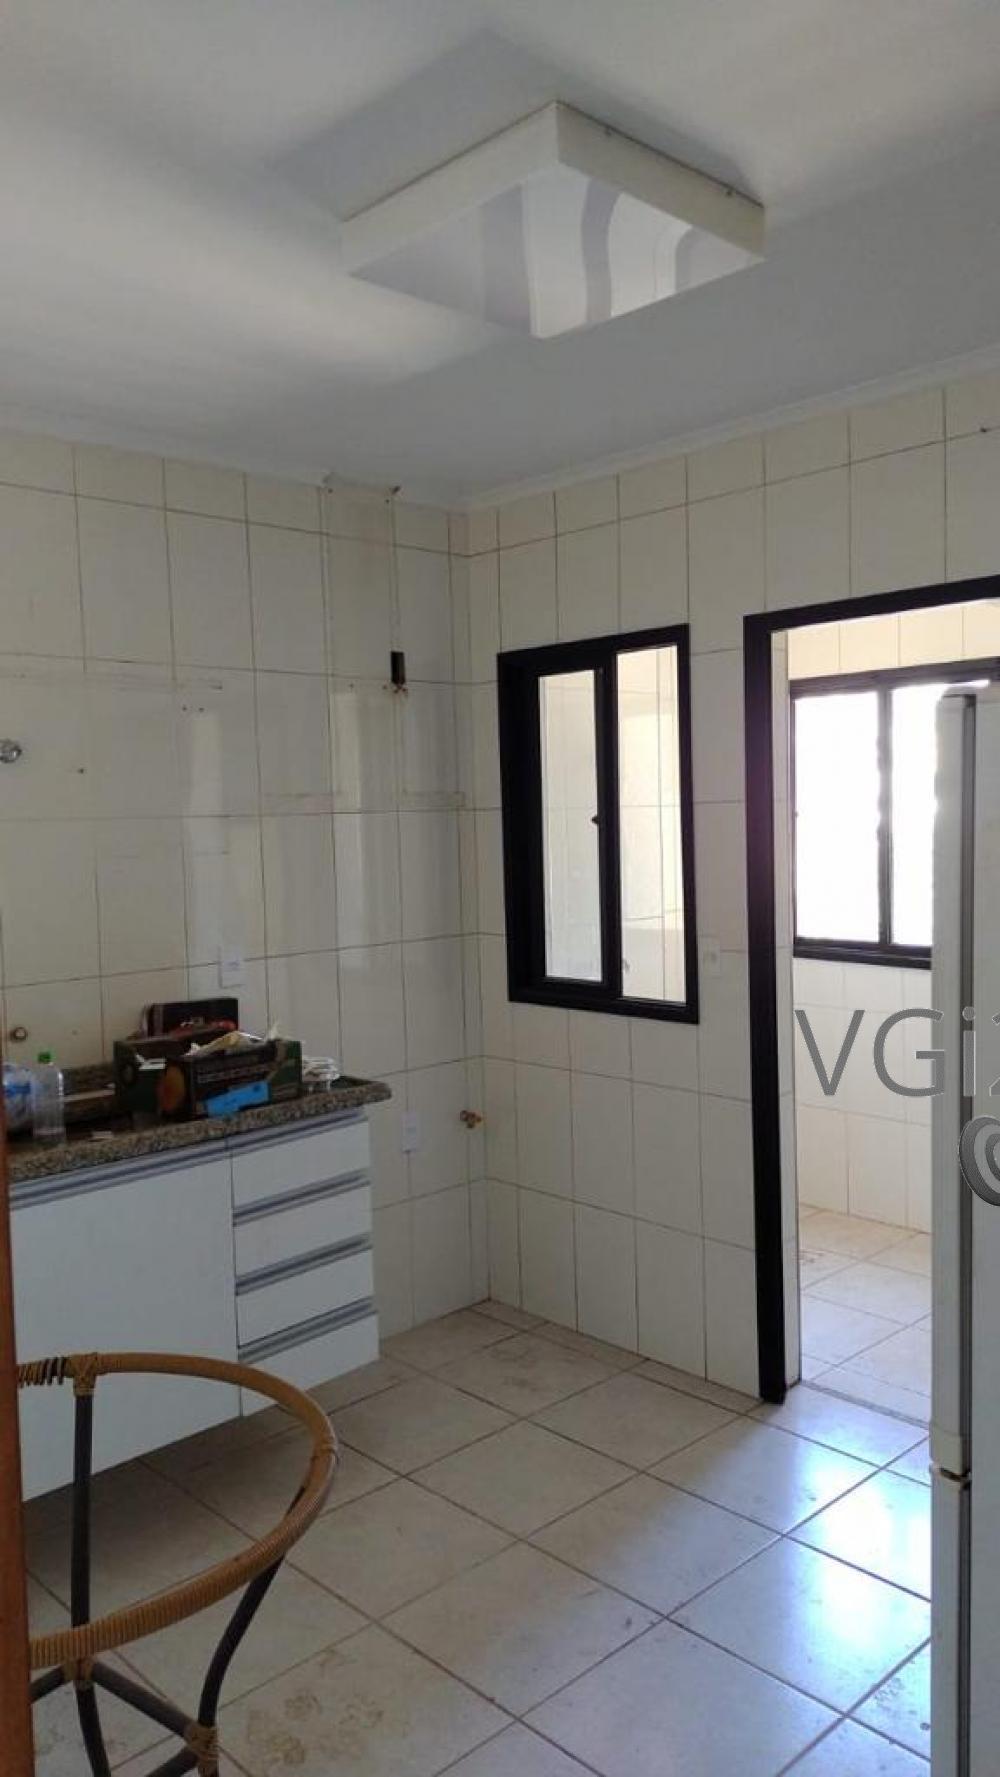 Comprar Apartamento / Padrão em Ribeirão Preto R$ 367.500,00 - Foto 4